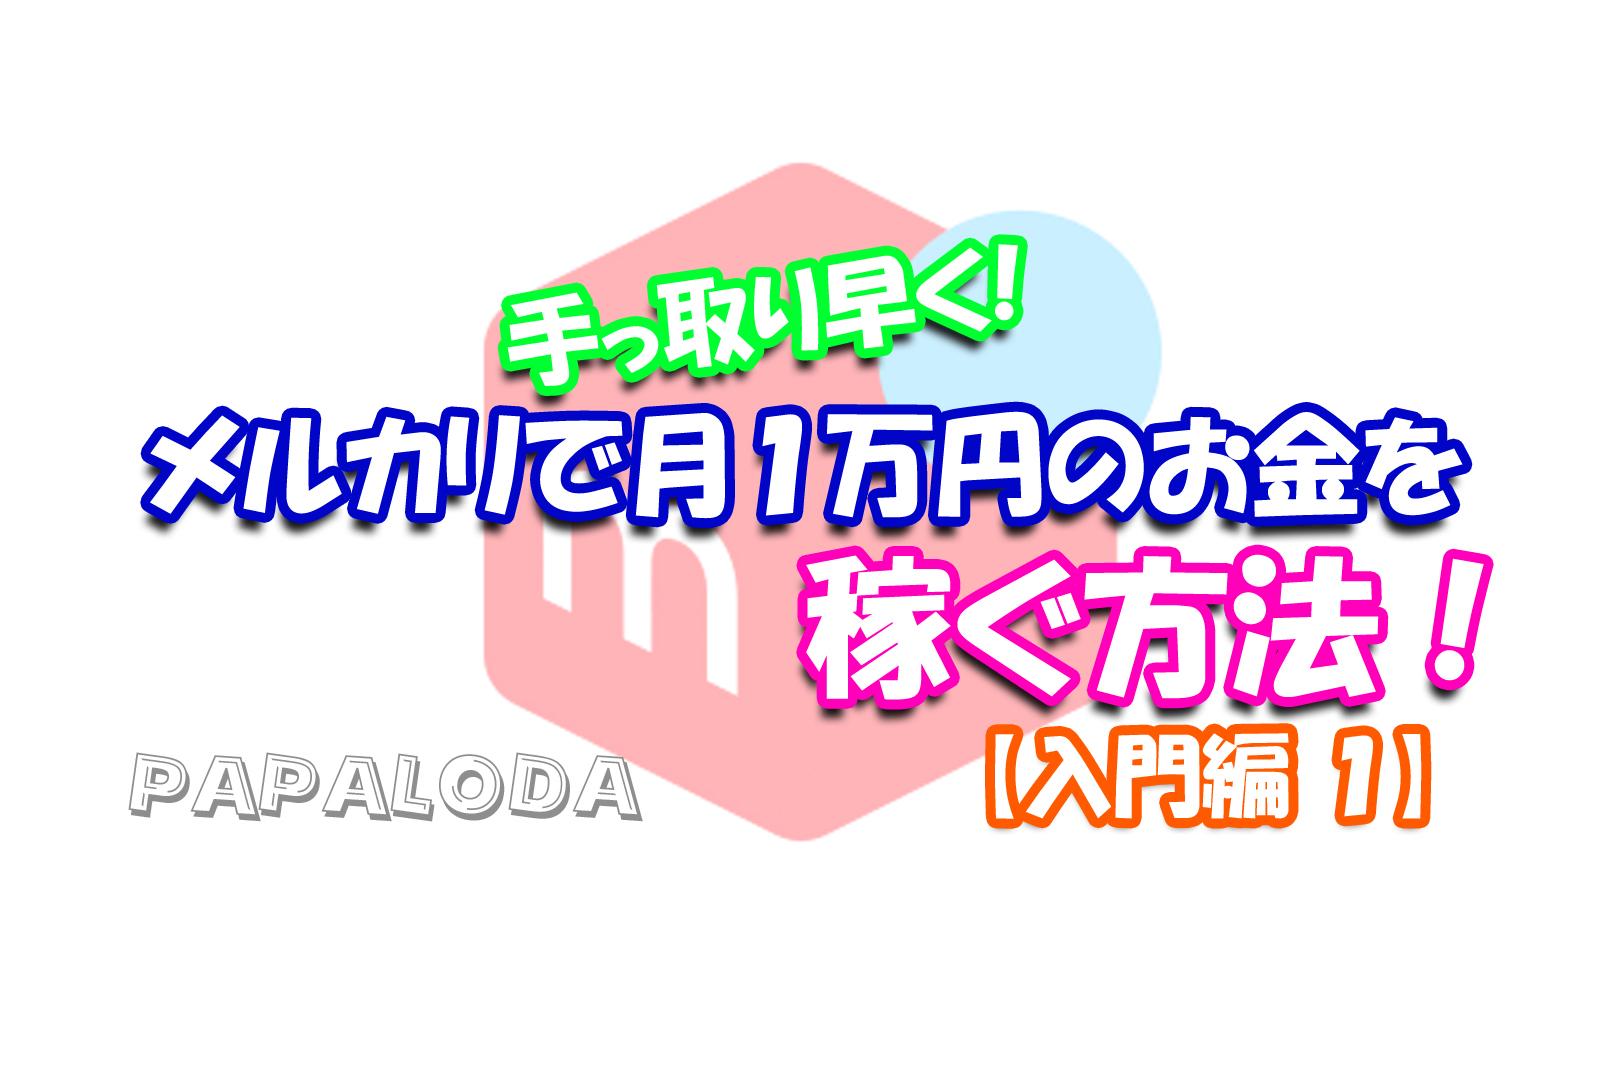 メルカリで月1万円のお金を稼ぐ方法入門編1